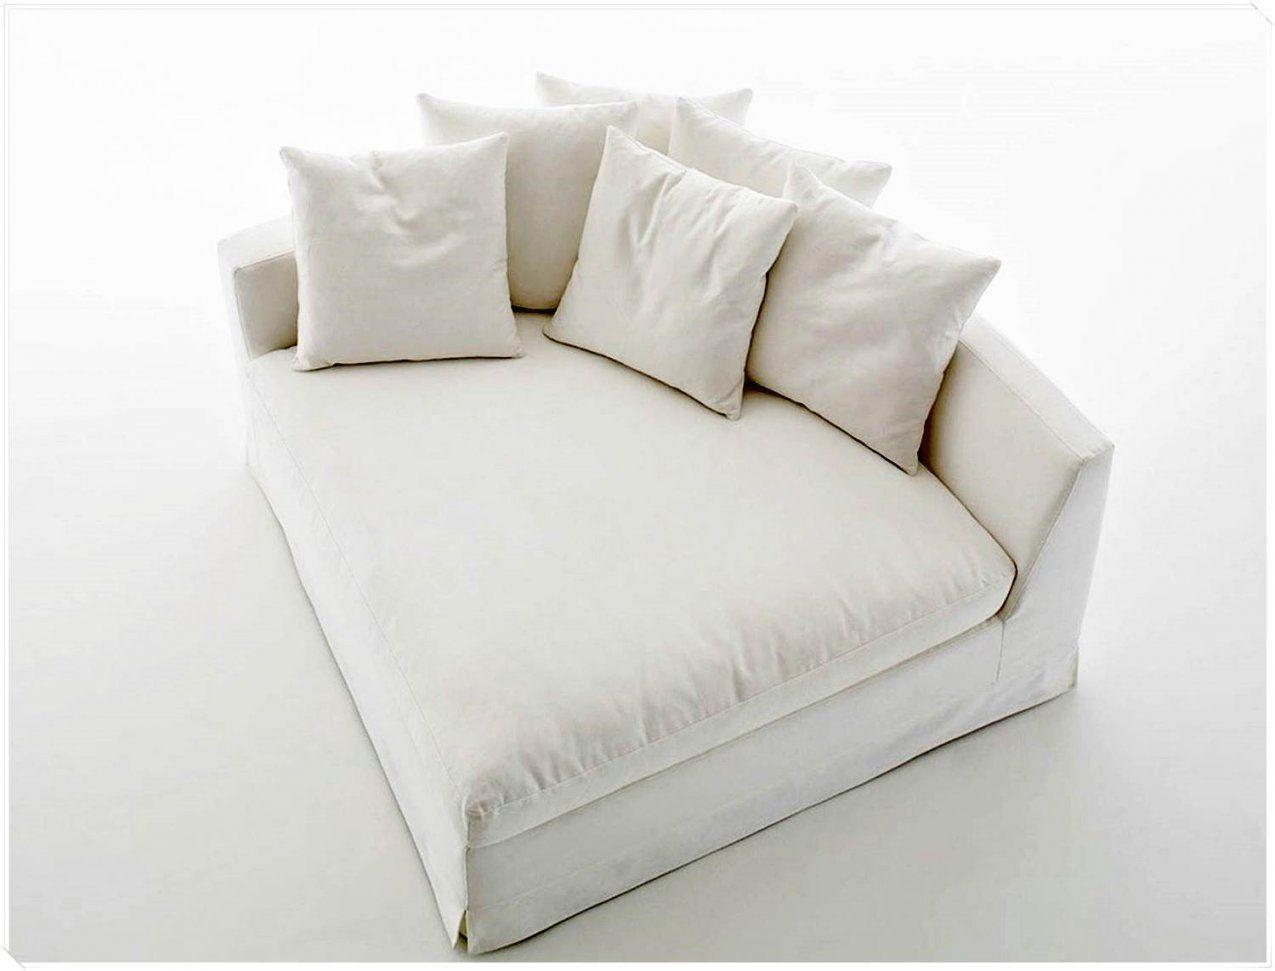 Zauberhaft Kleines Sofa Fuer Jugendzimmer Design Hires Wallpaper von Kleine Couch Für Jugendzimmer Photo